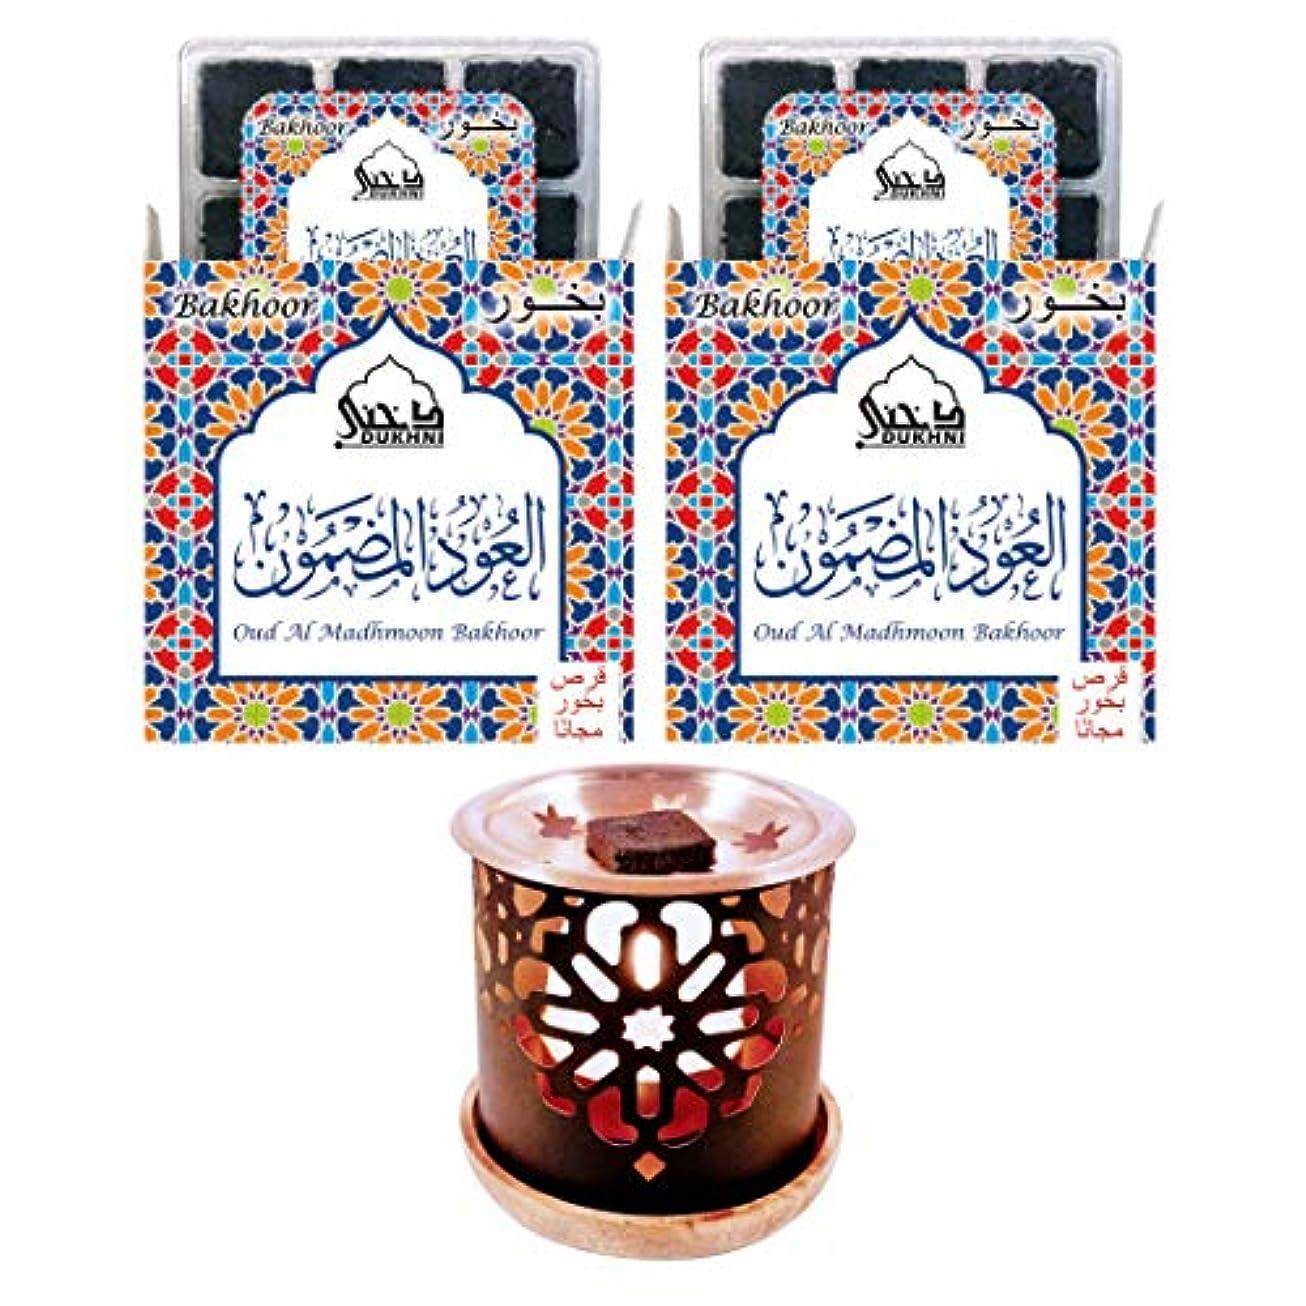 抗生物質コテージ値Dukhni DUK-Oud Al Madhmoon Bakhoor (M) + Persian Exotic Bakhoor Burner